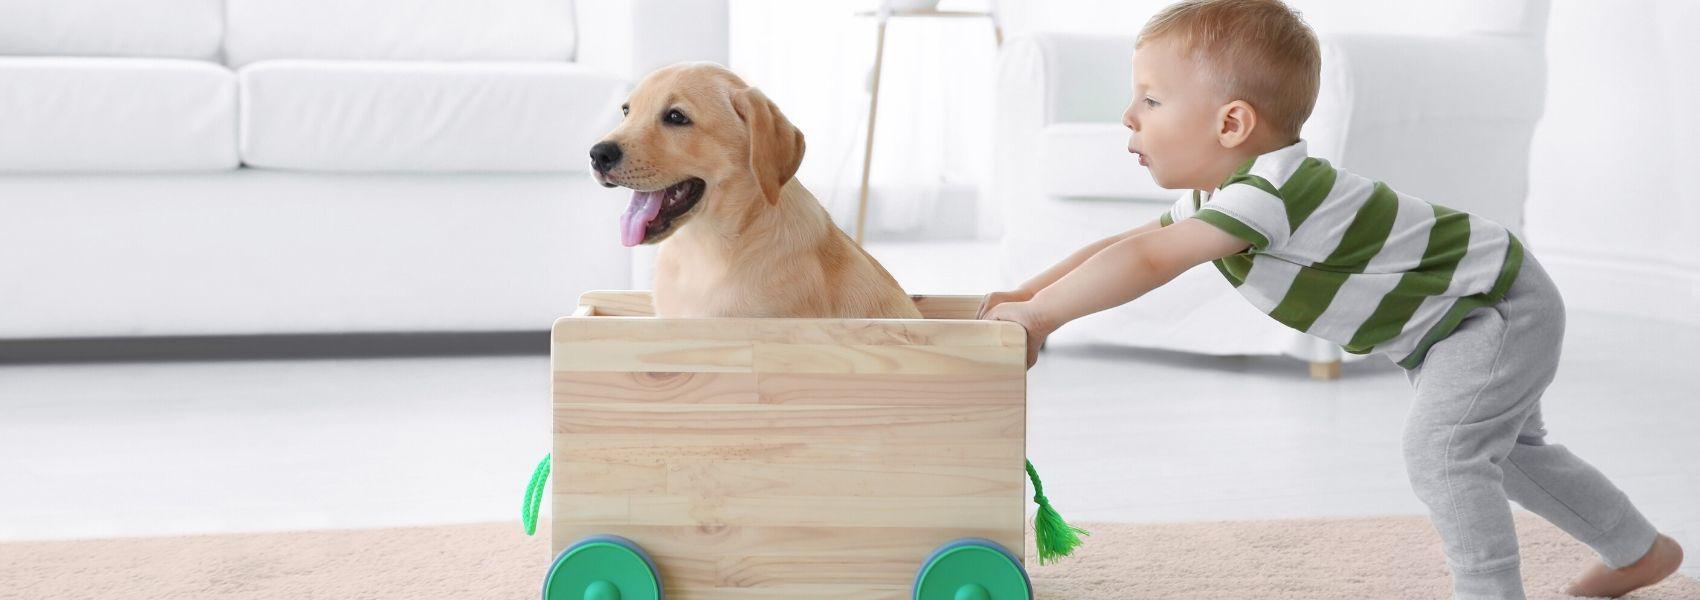 Exposição infantil a cães pode diminuir risco de esquizofrenia, sugere estudo